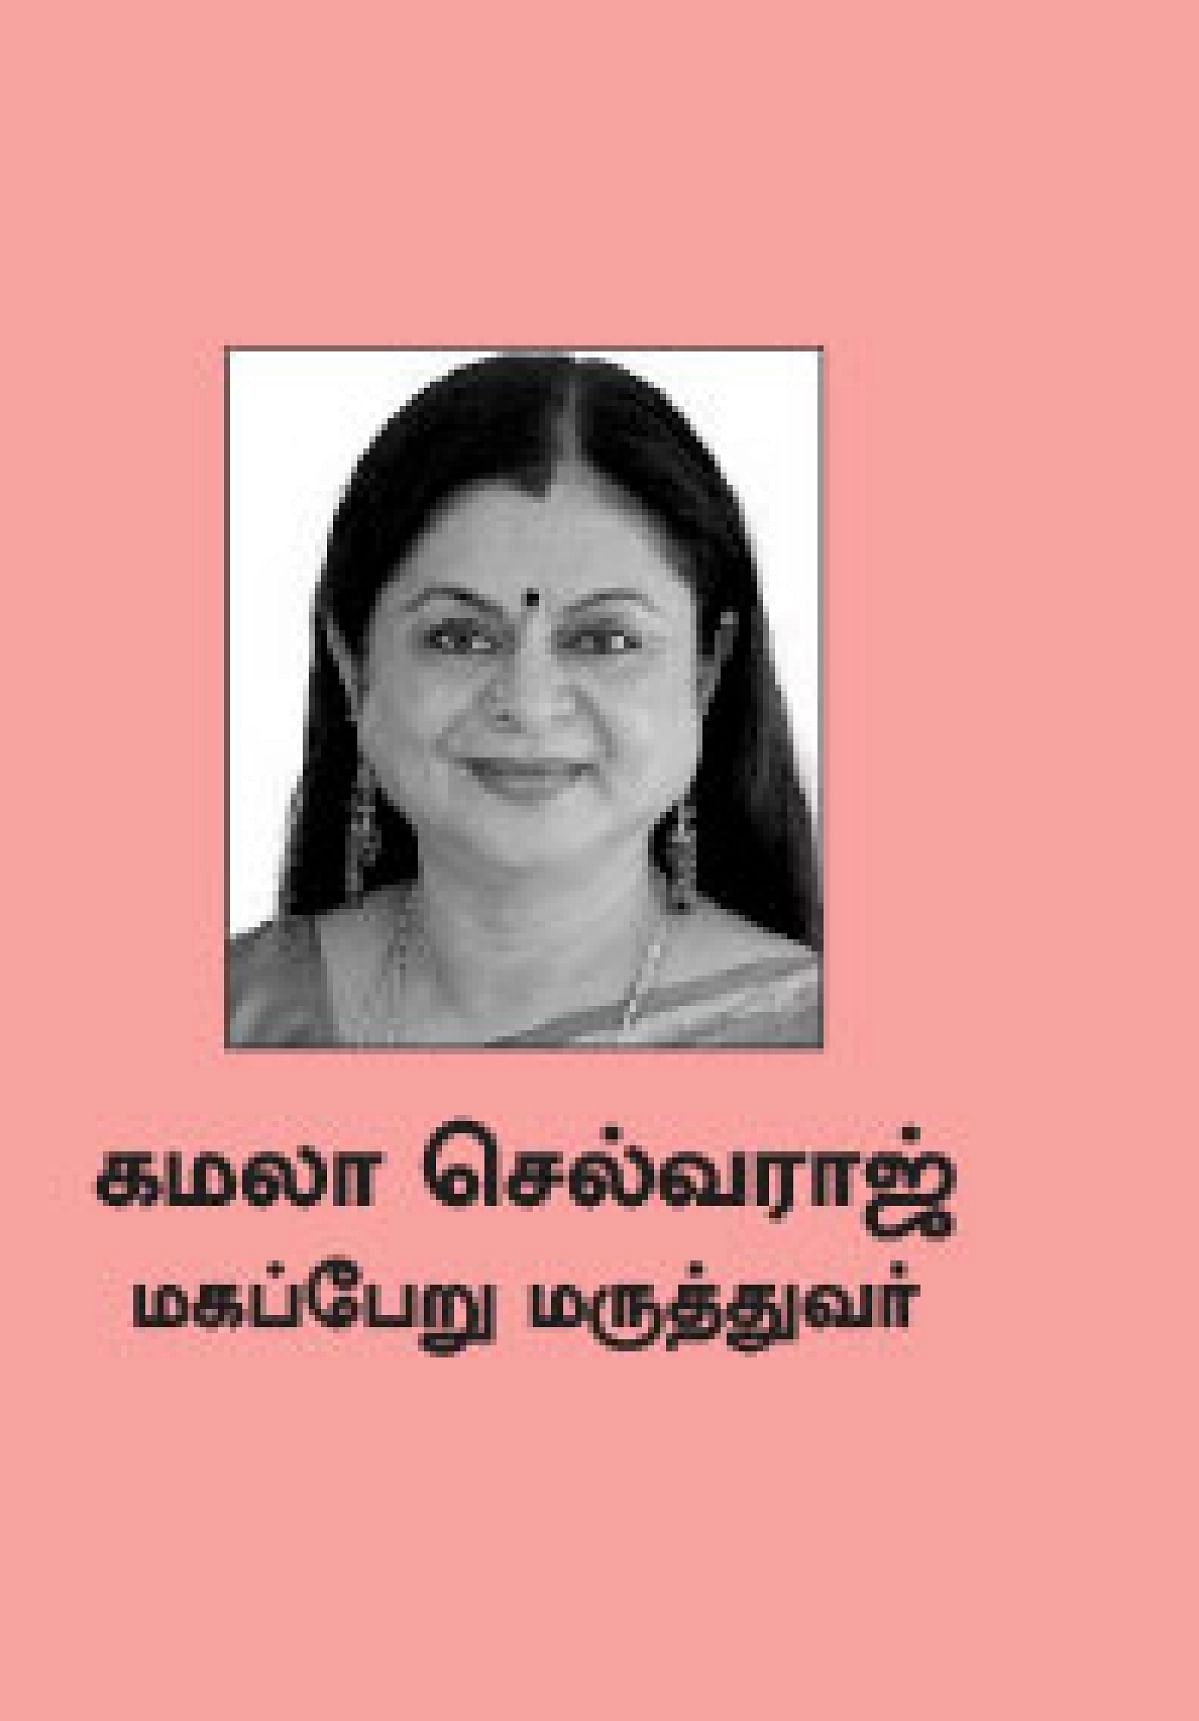 கமலா செல்வராஜ், மகப்பேறு மருத்துவர்